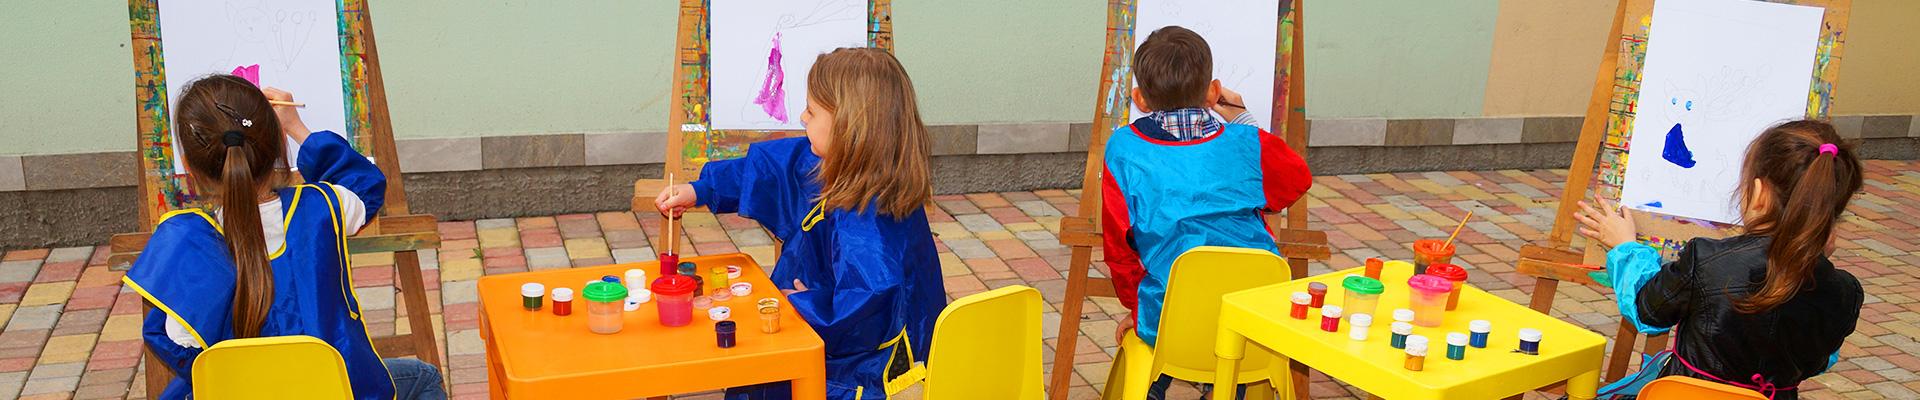 занятия живописью в детском саду Академия Детства